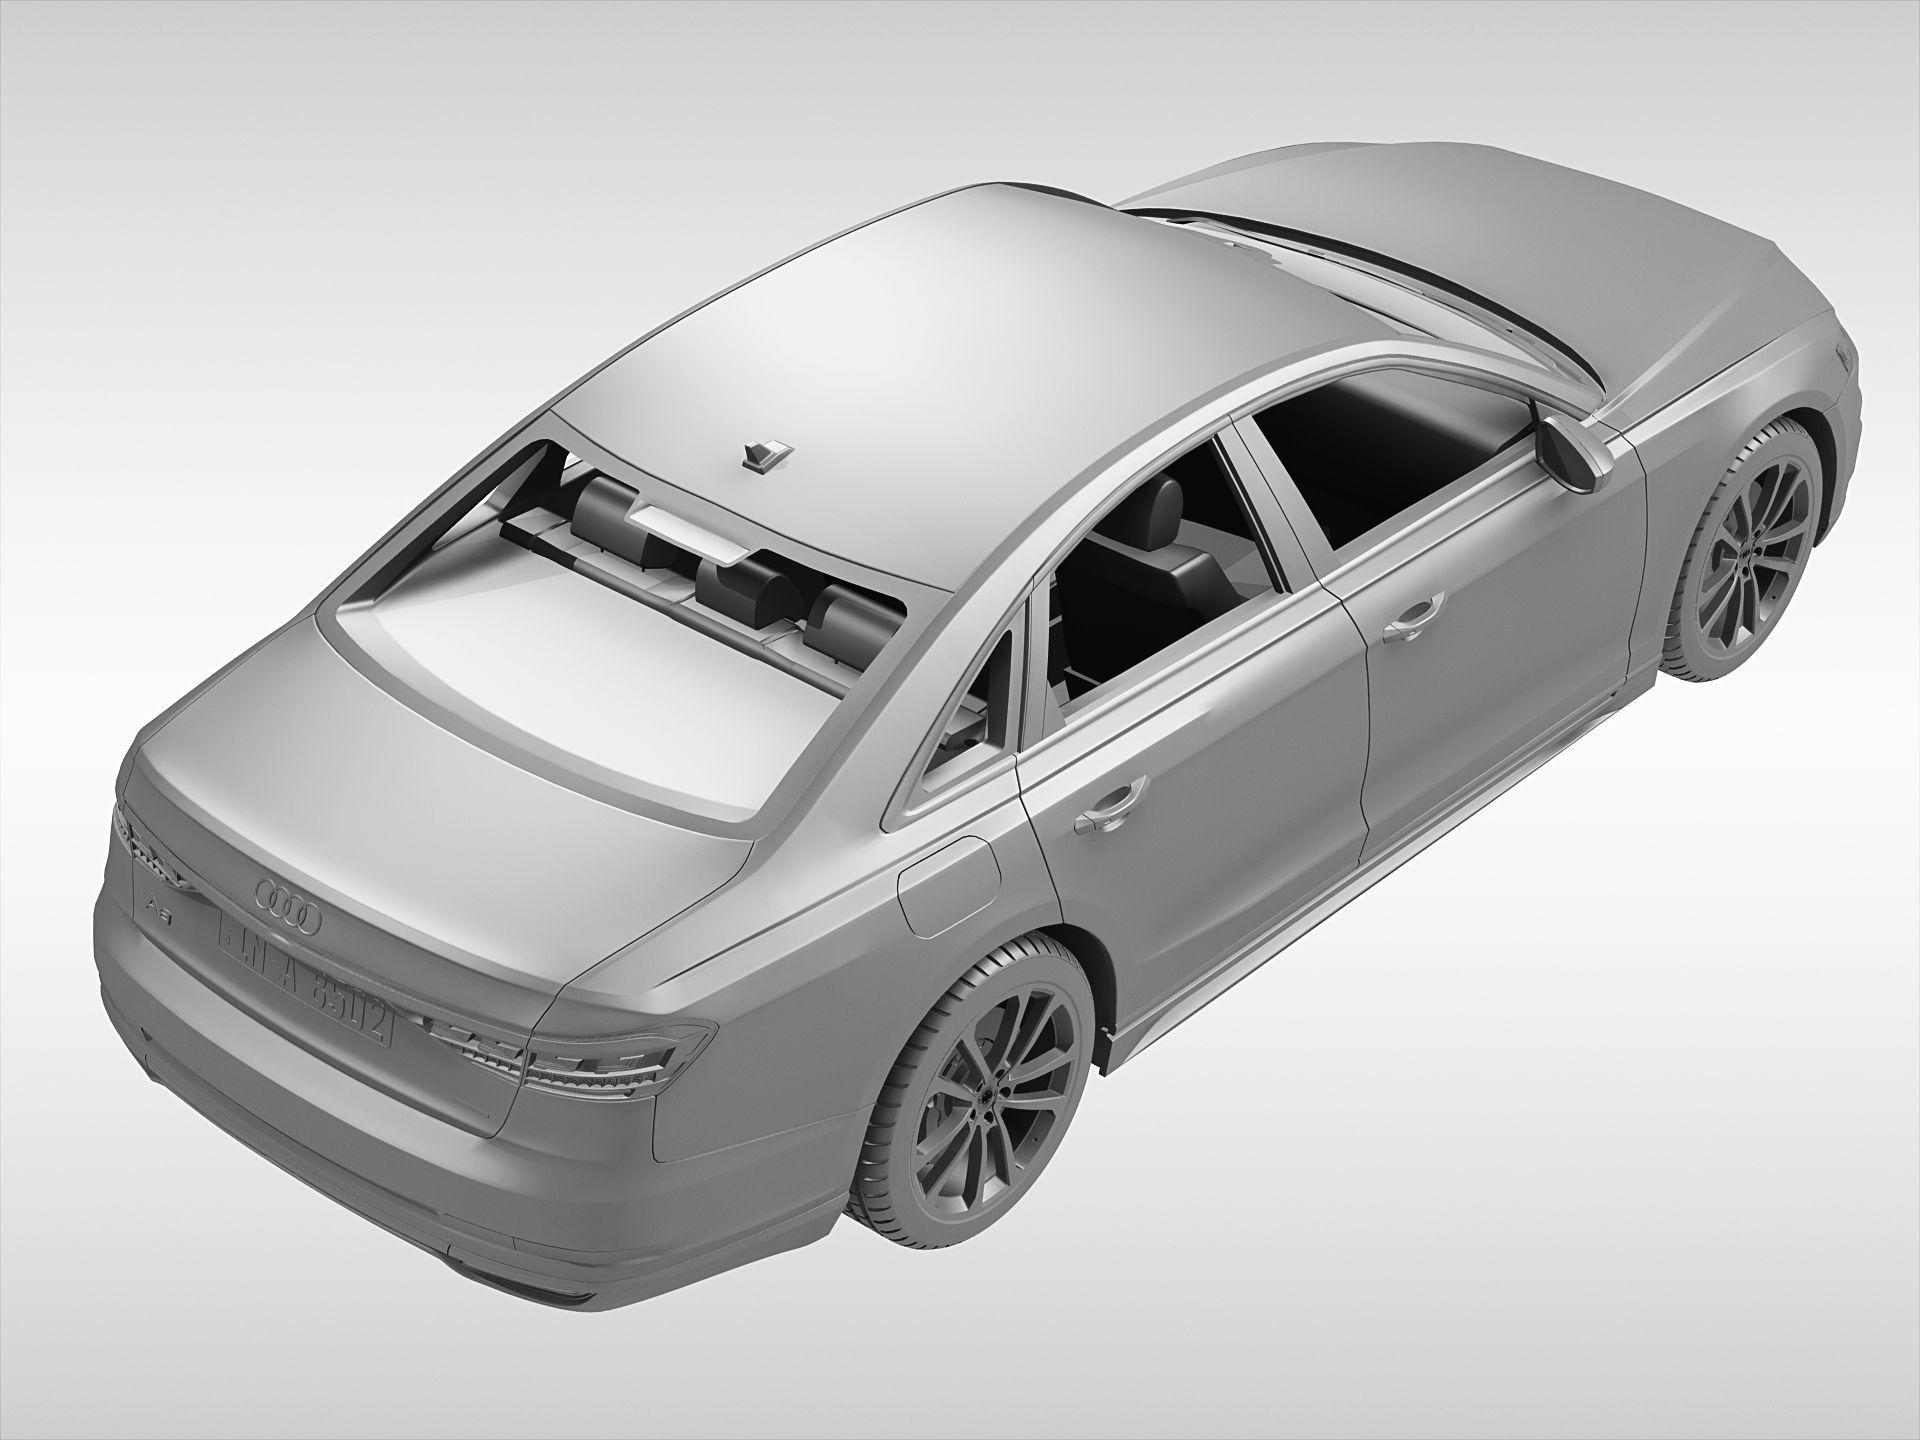 ... Audi A8 2018 3d Model Max Obj 3ds Fbx C4d Ma Mb 9 ...